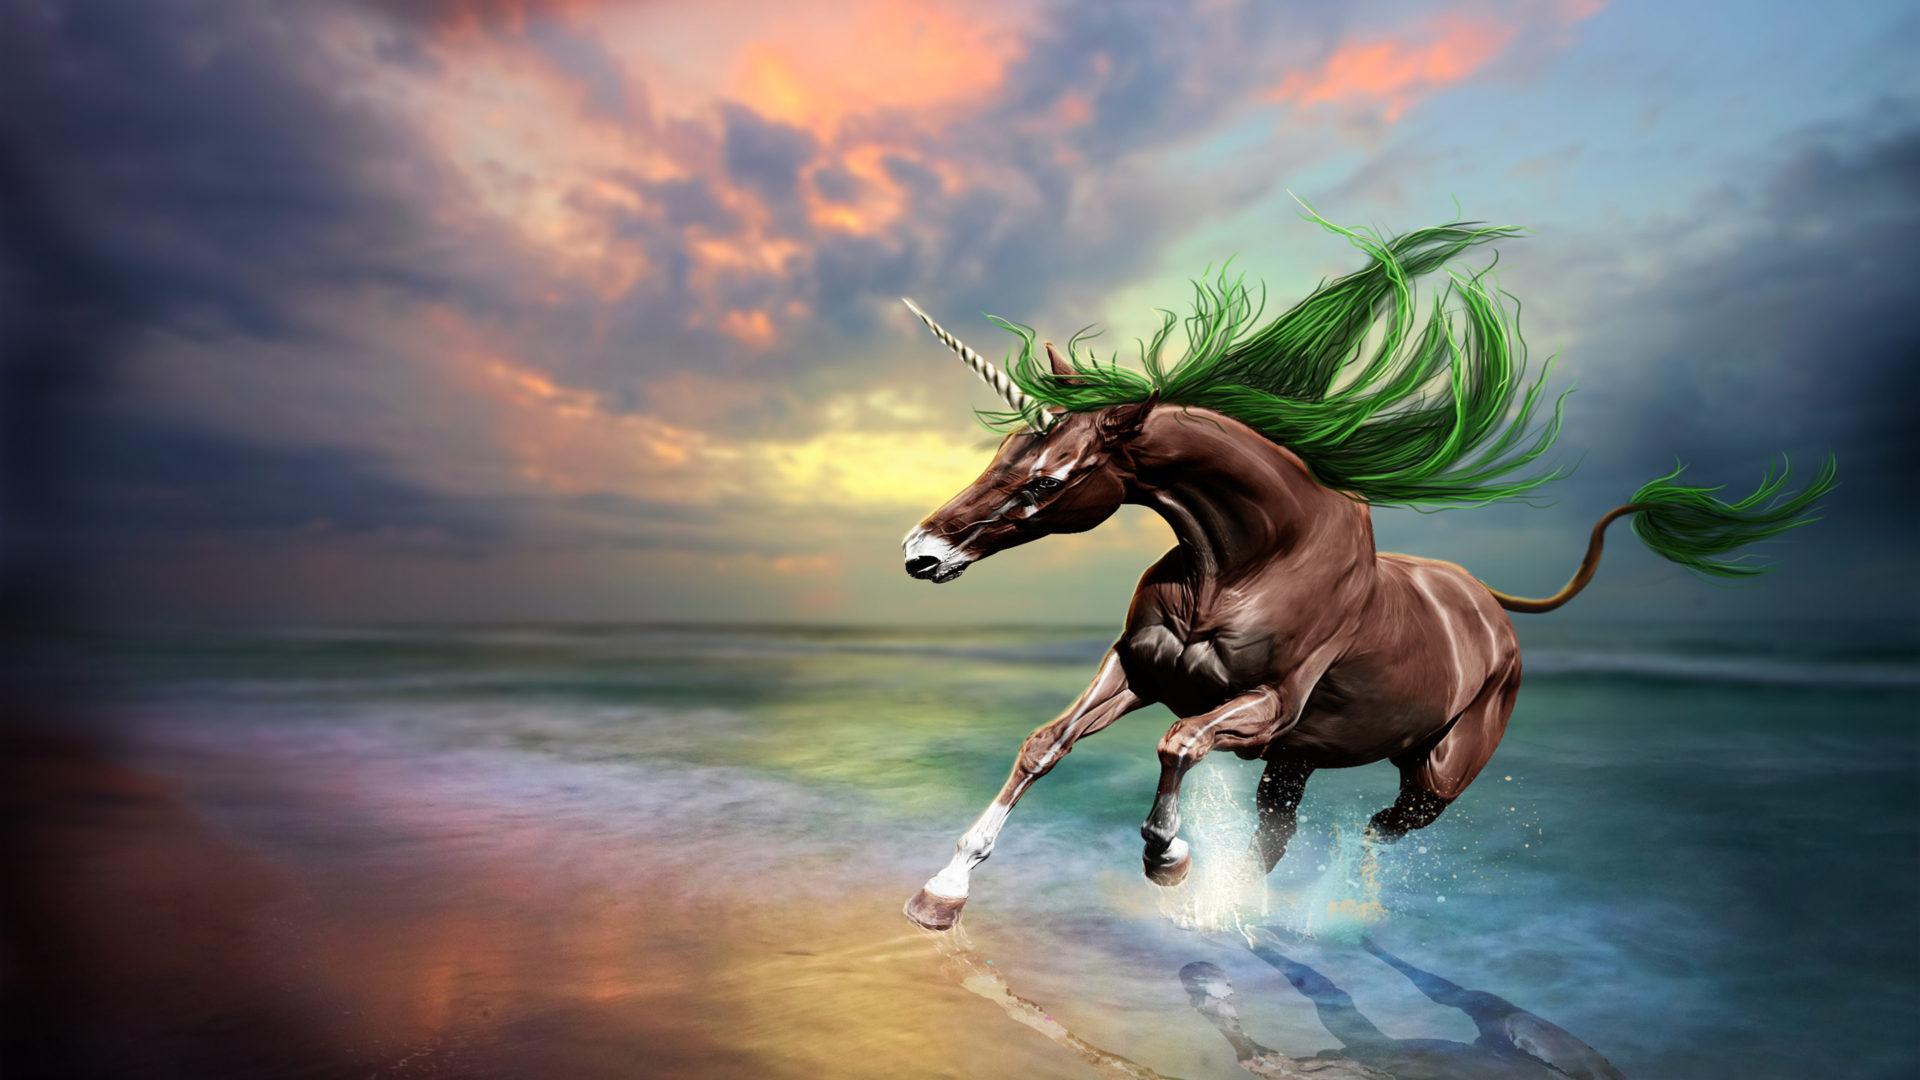 3d Snake Wallpaper Hd Brown Horse Unicorn Art Digital Imaging Beach Sunset